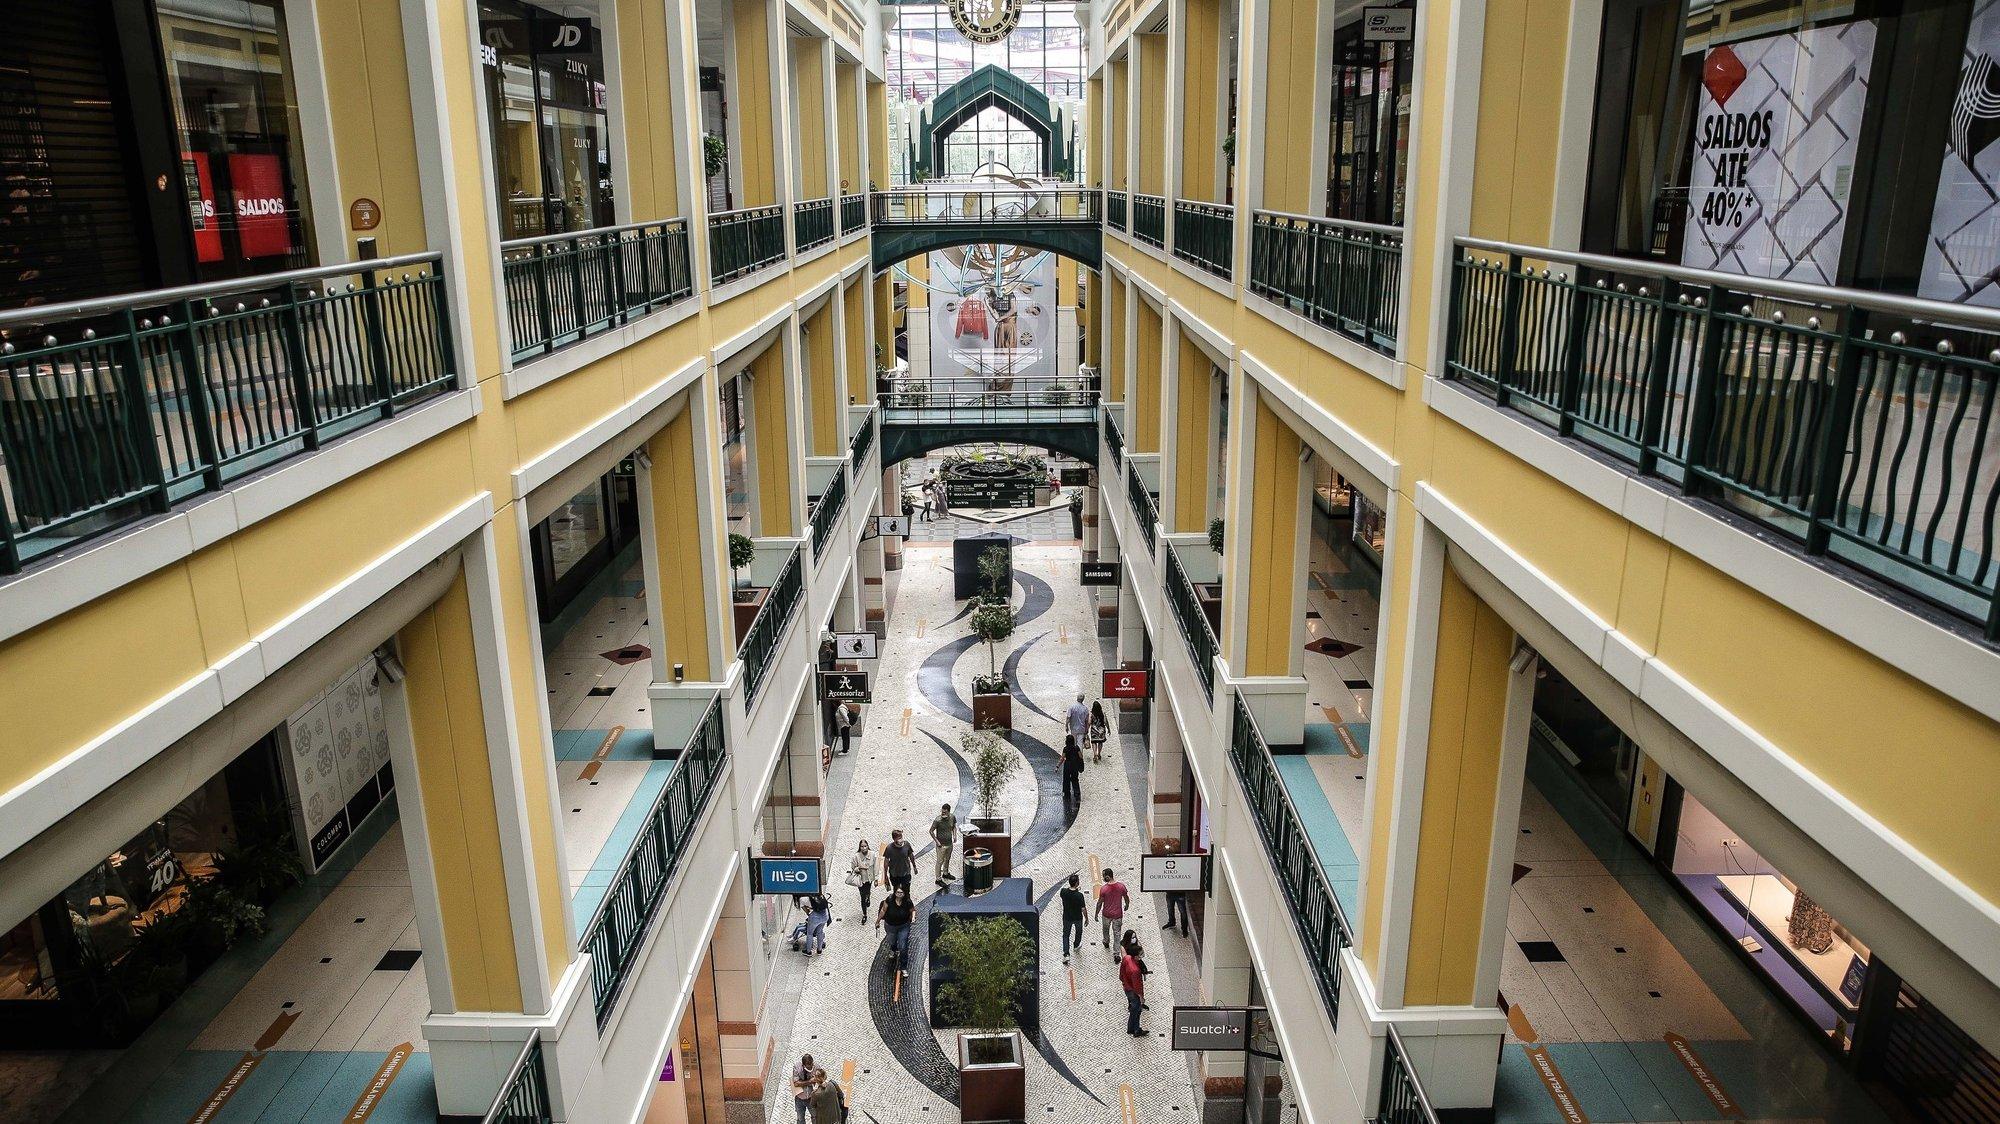 Pessoas percorrem o Centro Comercial Colombo, em Lisboa, 1 de junho de 2020. A atual situação da pandemia da covid-19 na região de Lisboa e Vale do Tejo impediu a abertura em pleno deste centro comercial. MÁRIO CRUZLUSA